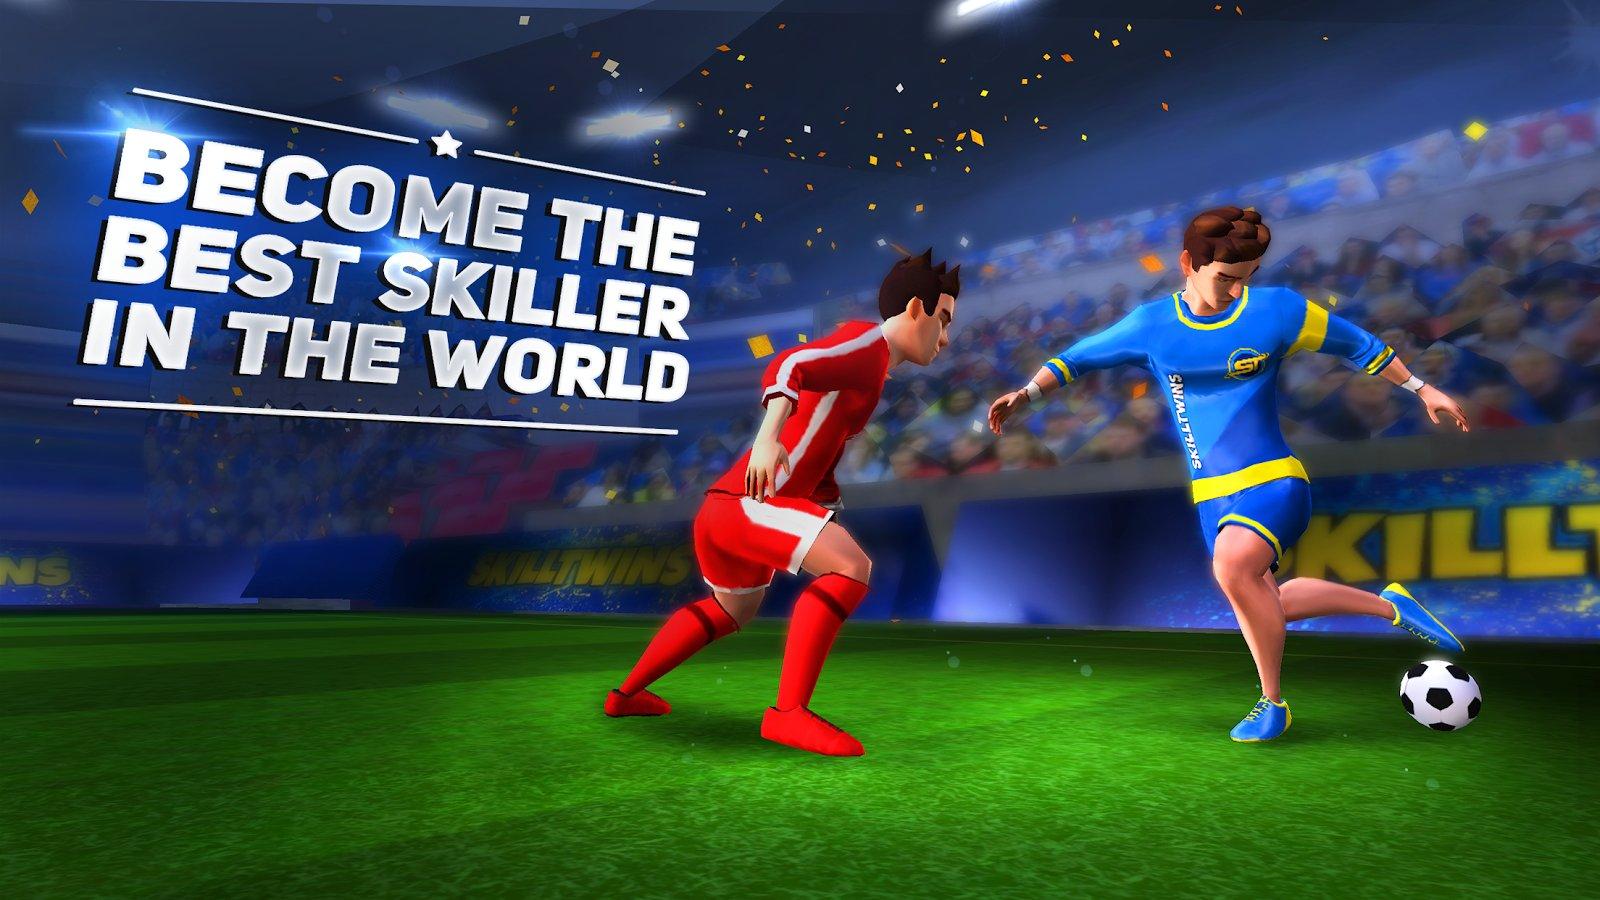 Скачать футбольные приложения